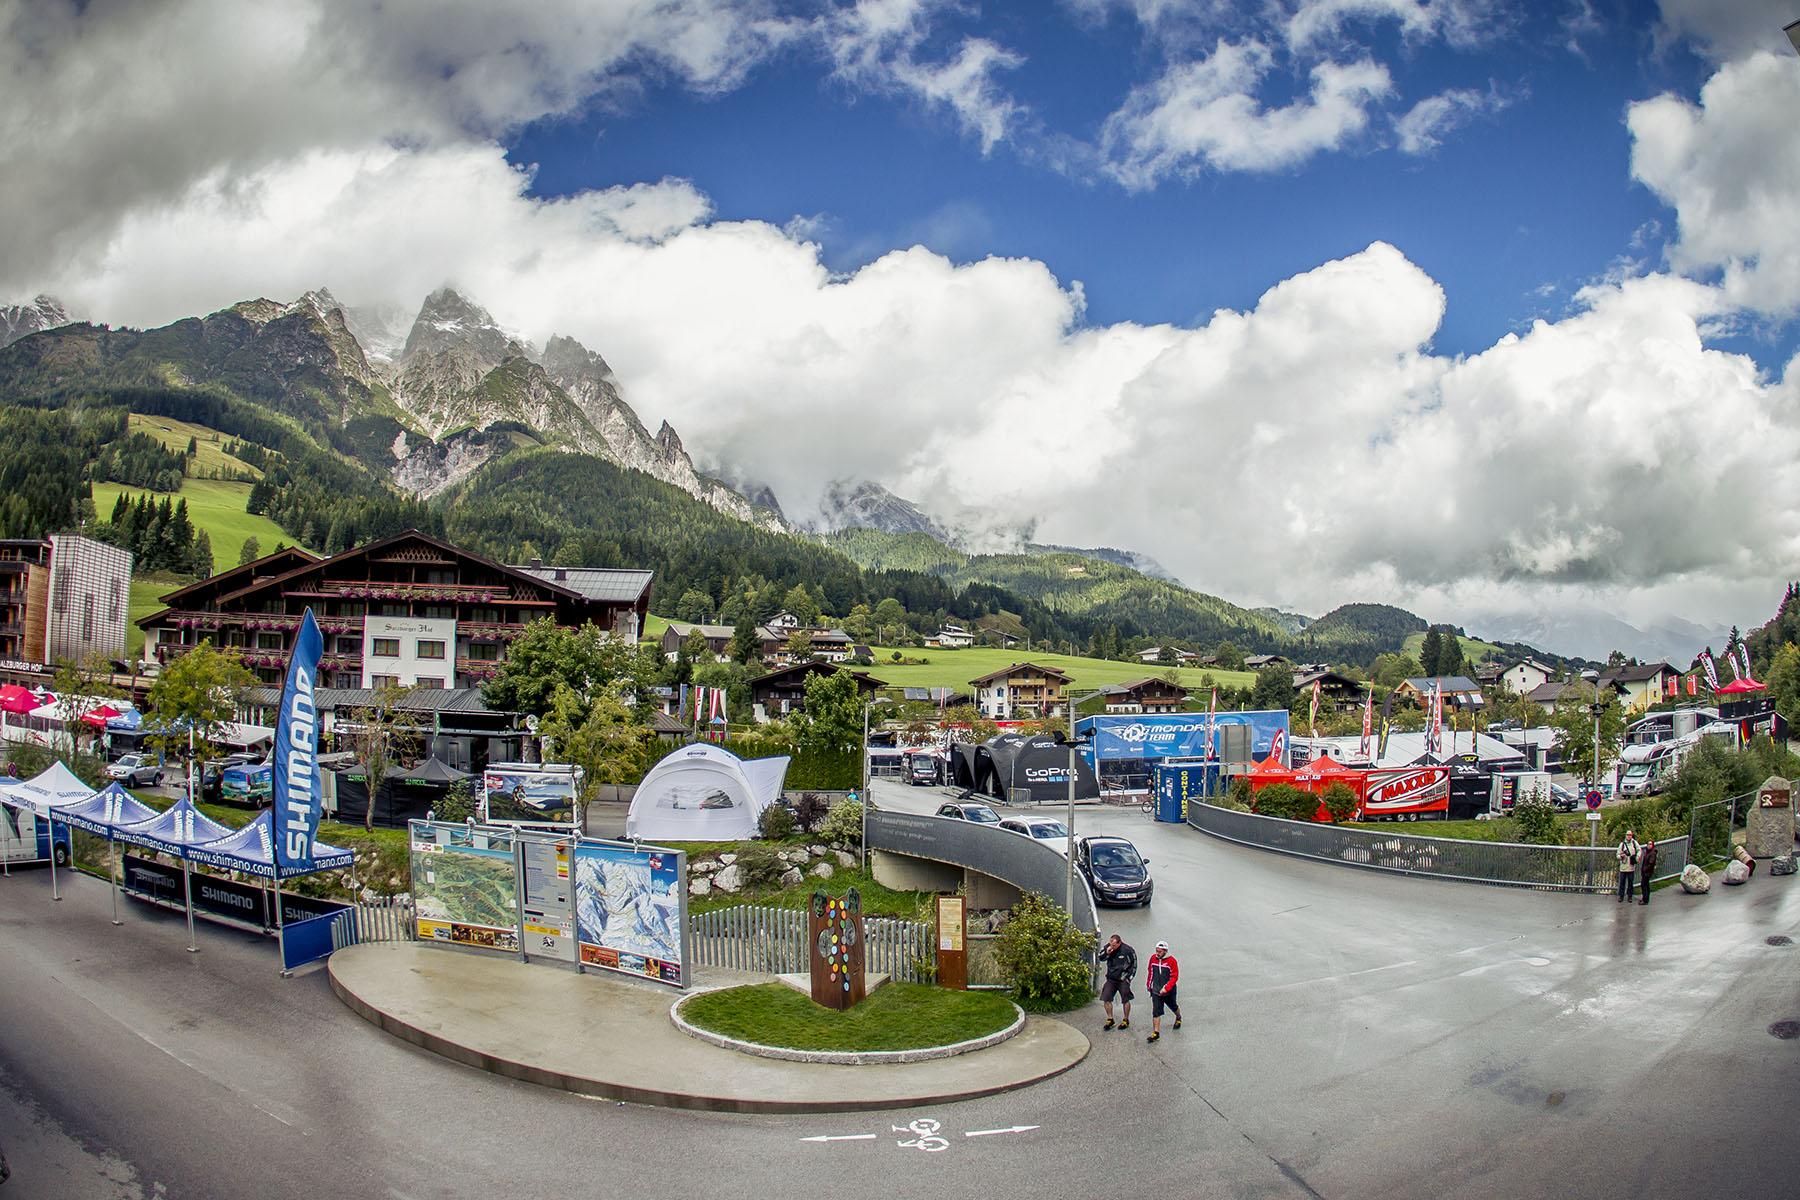 Eine harte Woche für alle Beteiligten: Von Norwegen nach Österreich in 20 Stunden und alles wieder aufbauen für eine weitere Woche Racing! Die Ende der Saison naht.